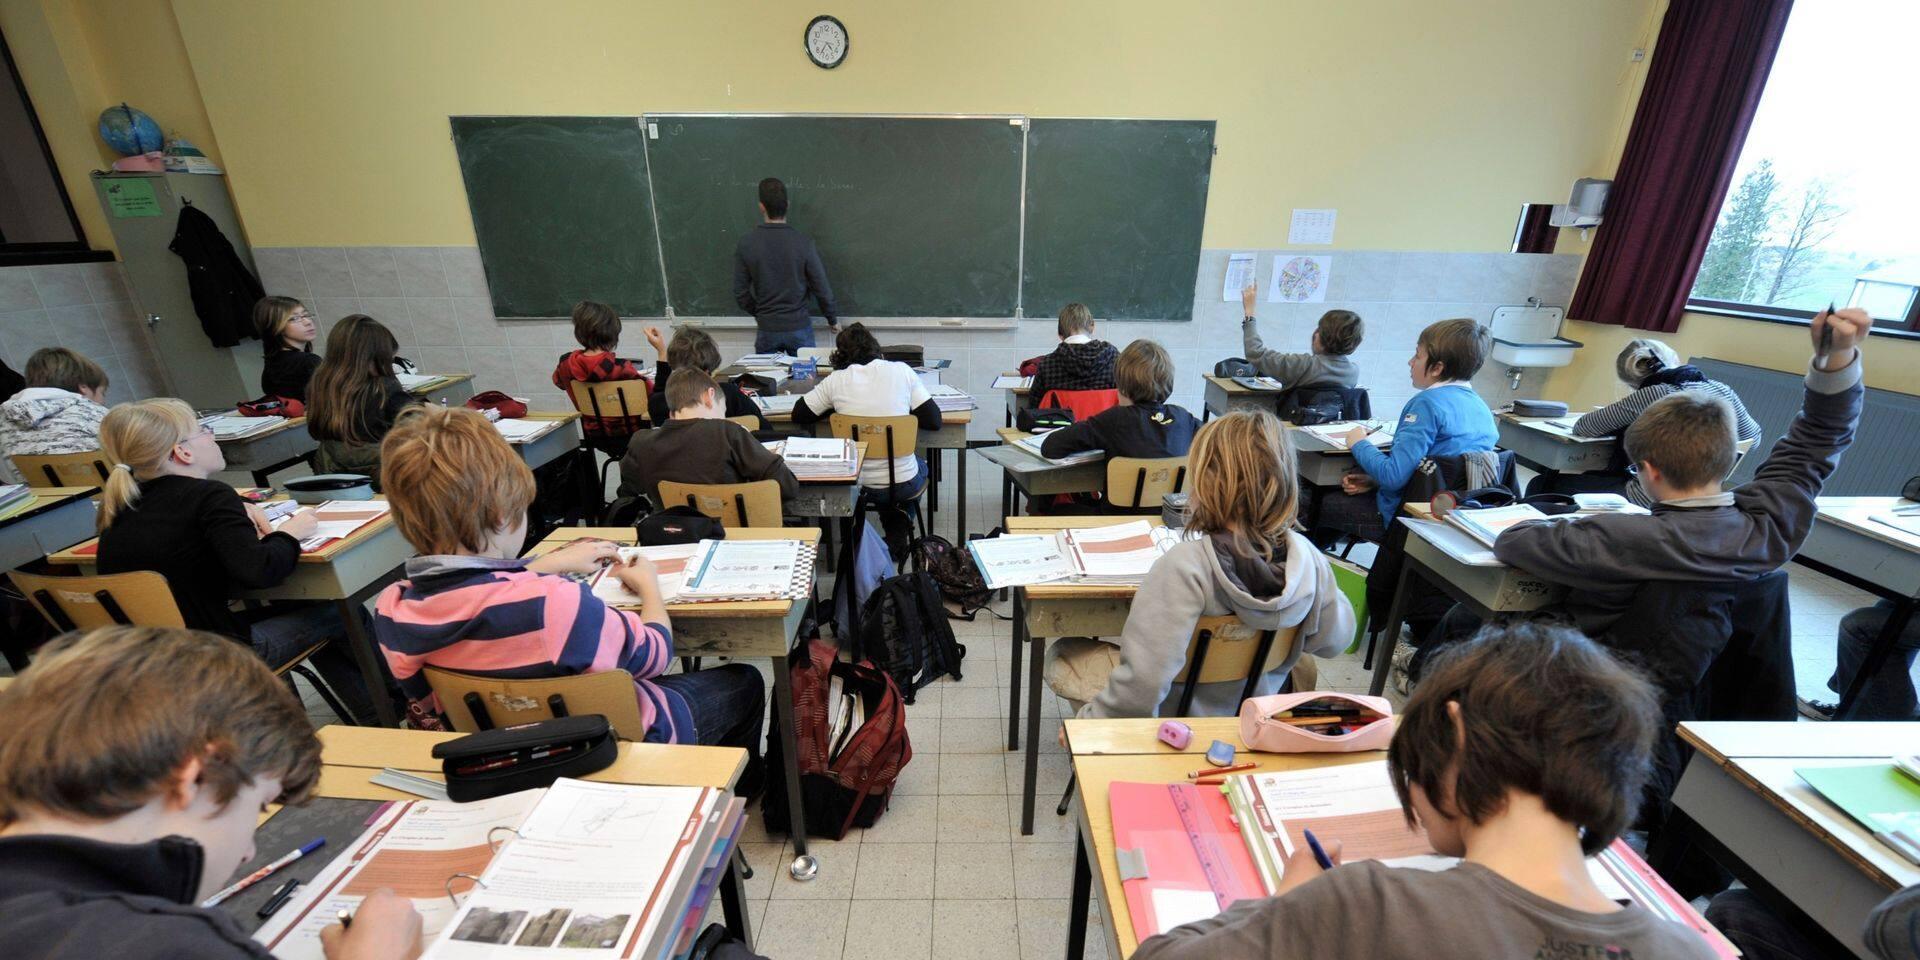 Les enfants de retour de zones rouges devront se soumettre à une obligation avant de pouvoir rentrer à l'école